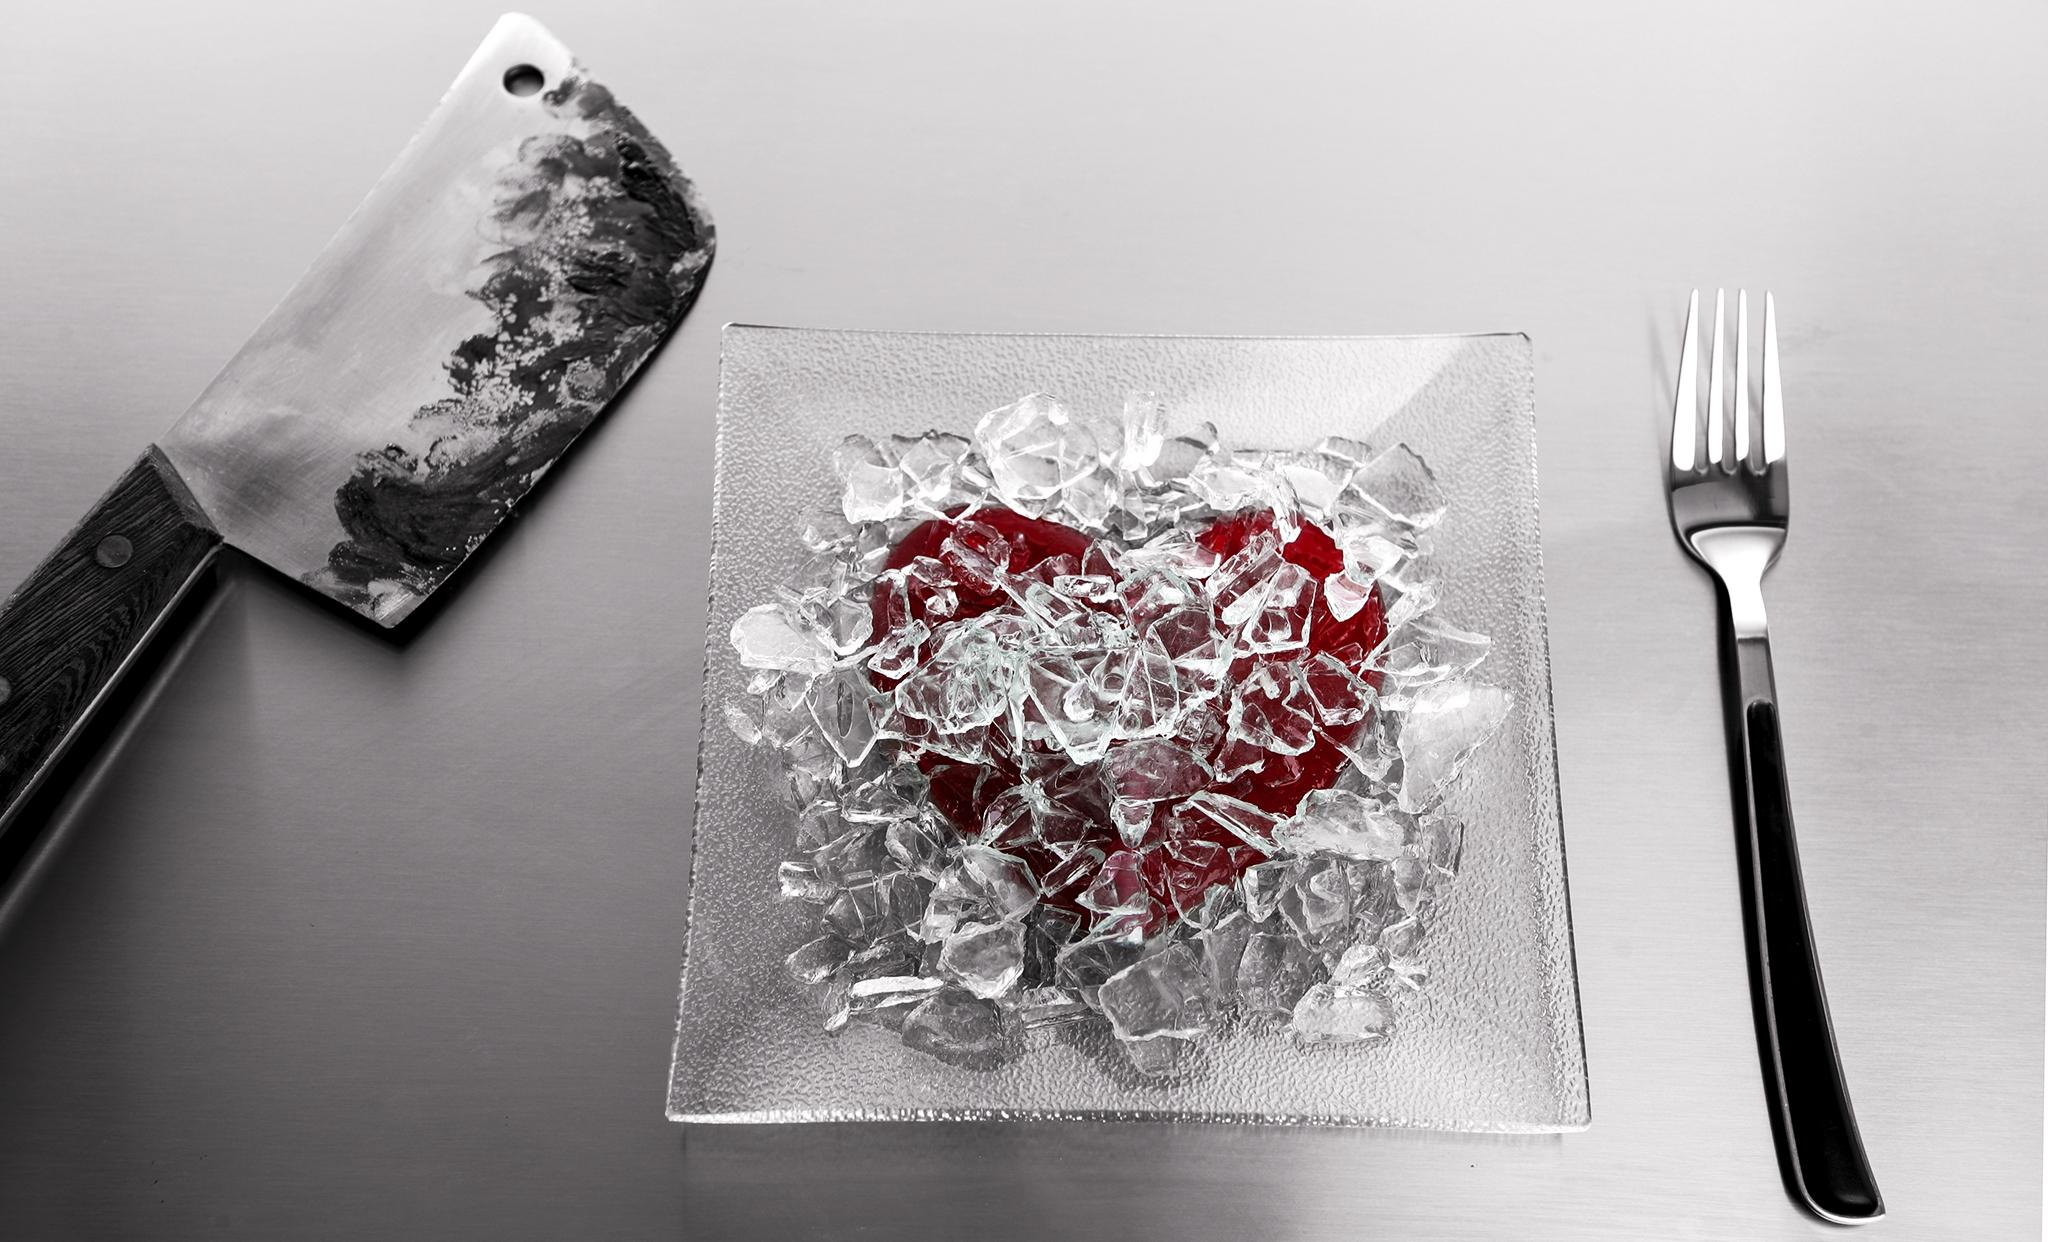 Comment passer une anti st Valentin comme il se doit !